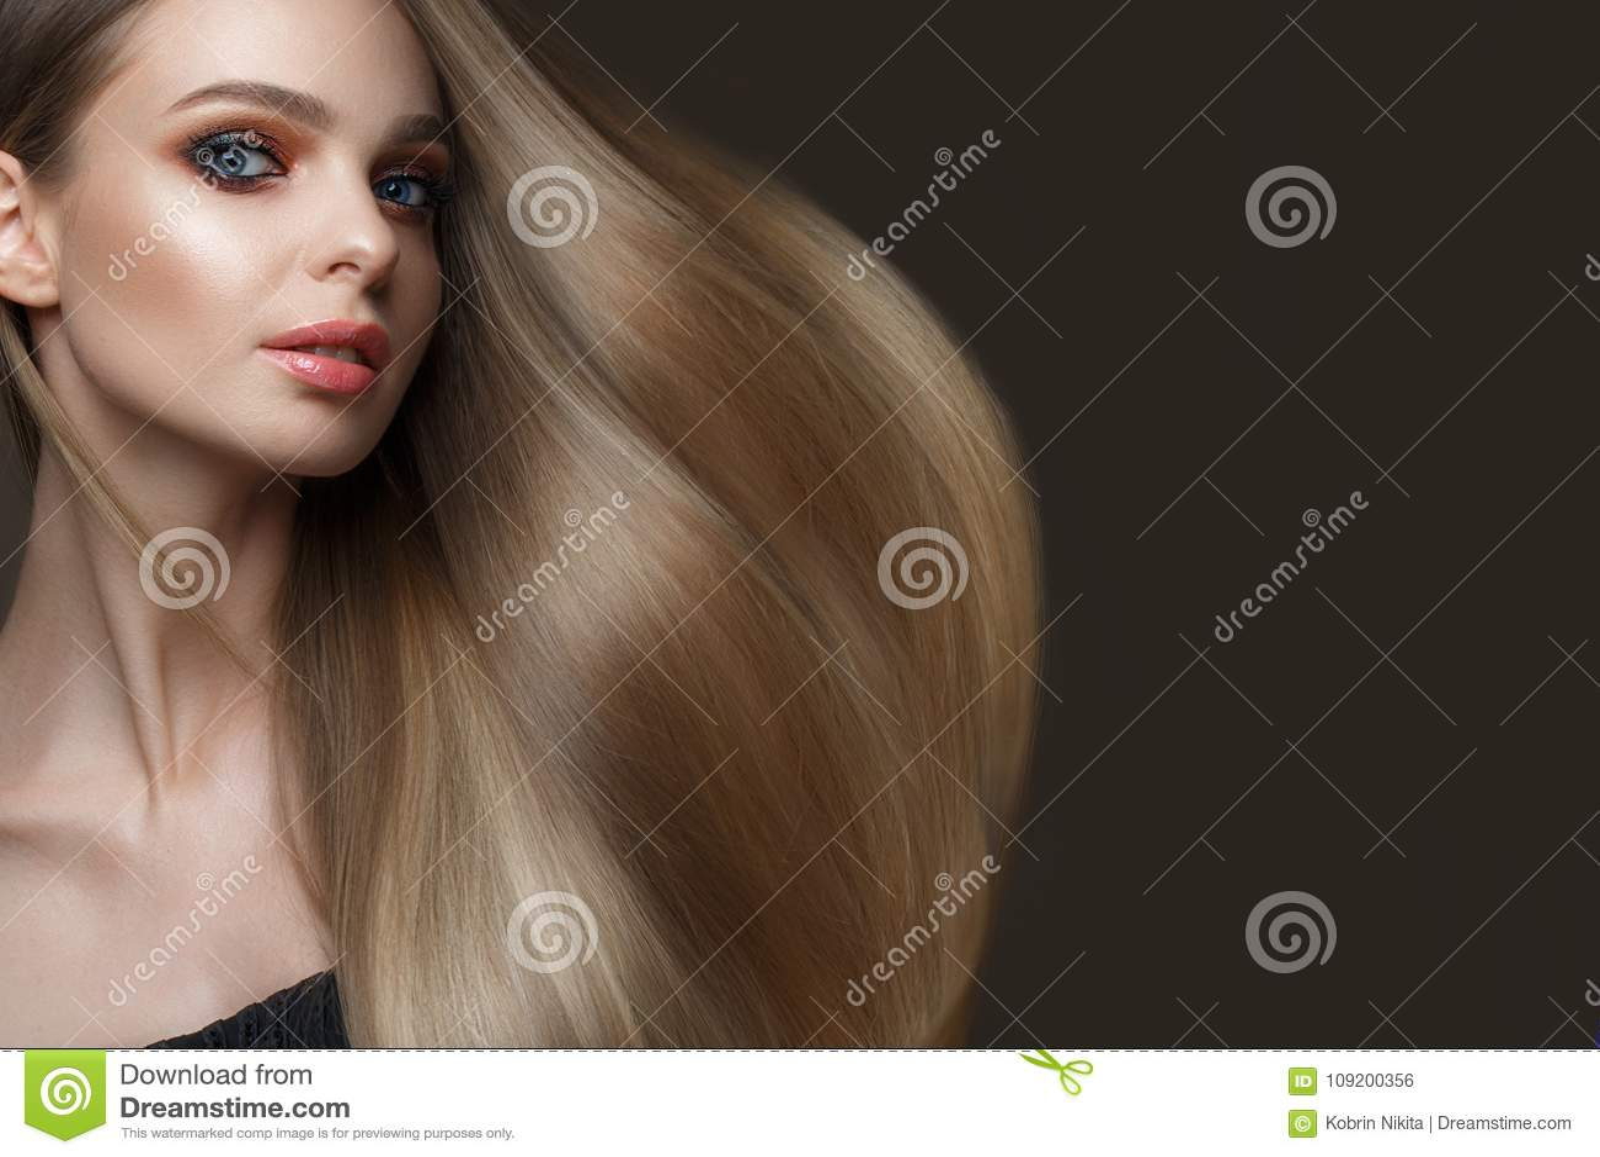 Mooi blond meisje met een volkomen vlot haar, klassieke samenstelling Het Gezicht van de schoonheid